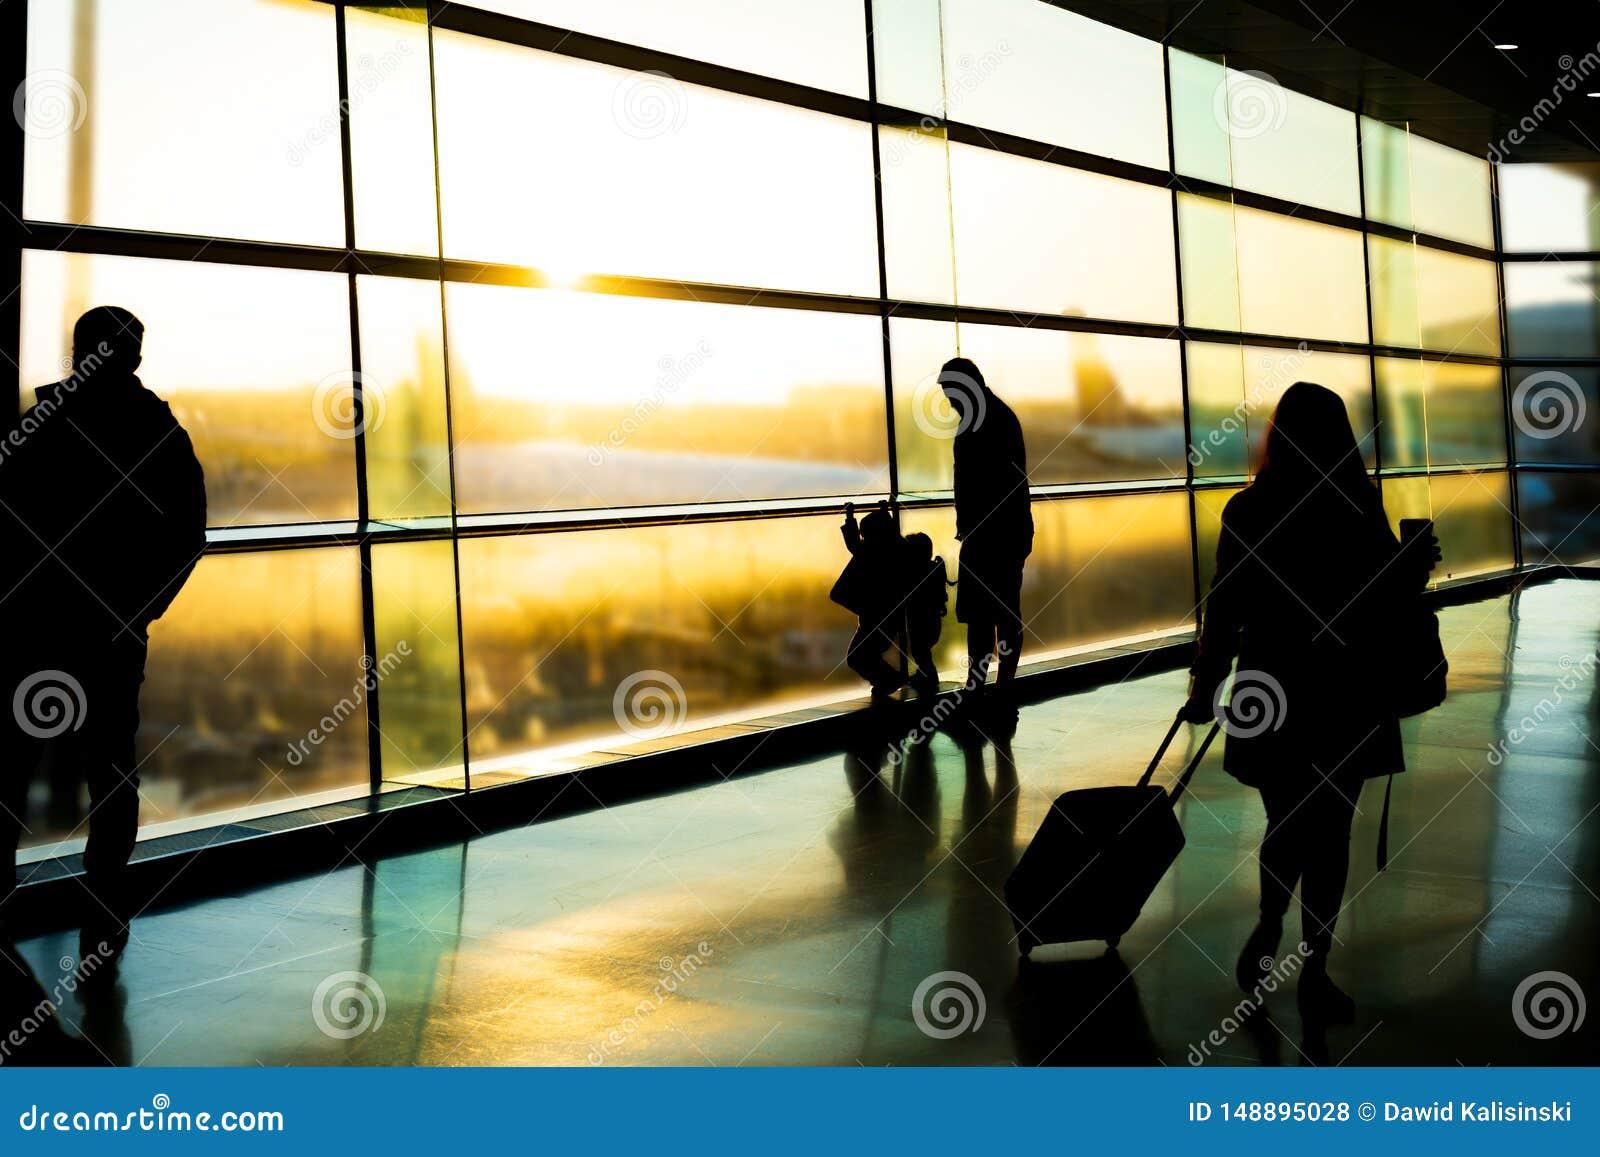 Αερολιμένας, σκιαγραφία του πατέρα με τα παιδιά και τους επιβάτες, Δουβλίνο Ιρλανδία, ανατολή